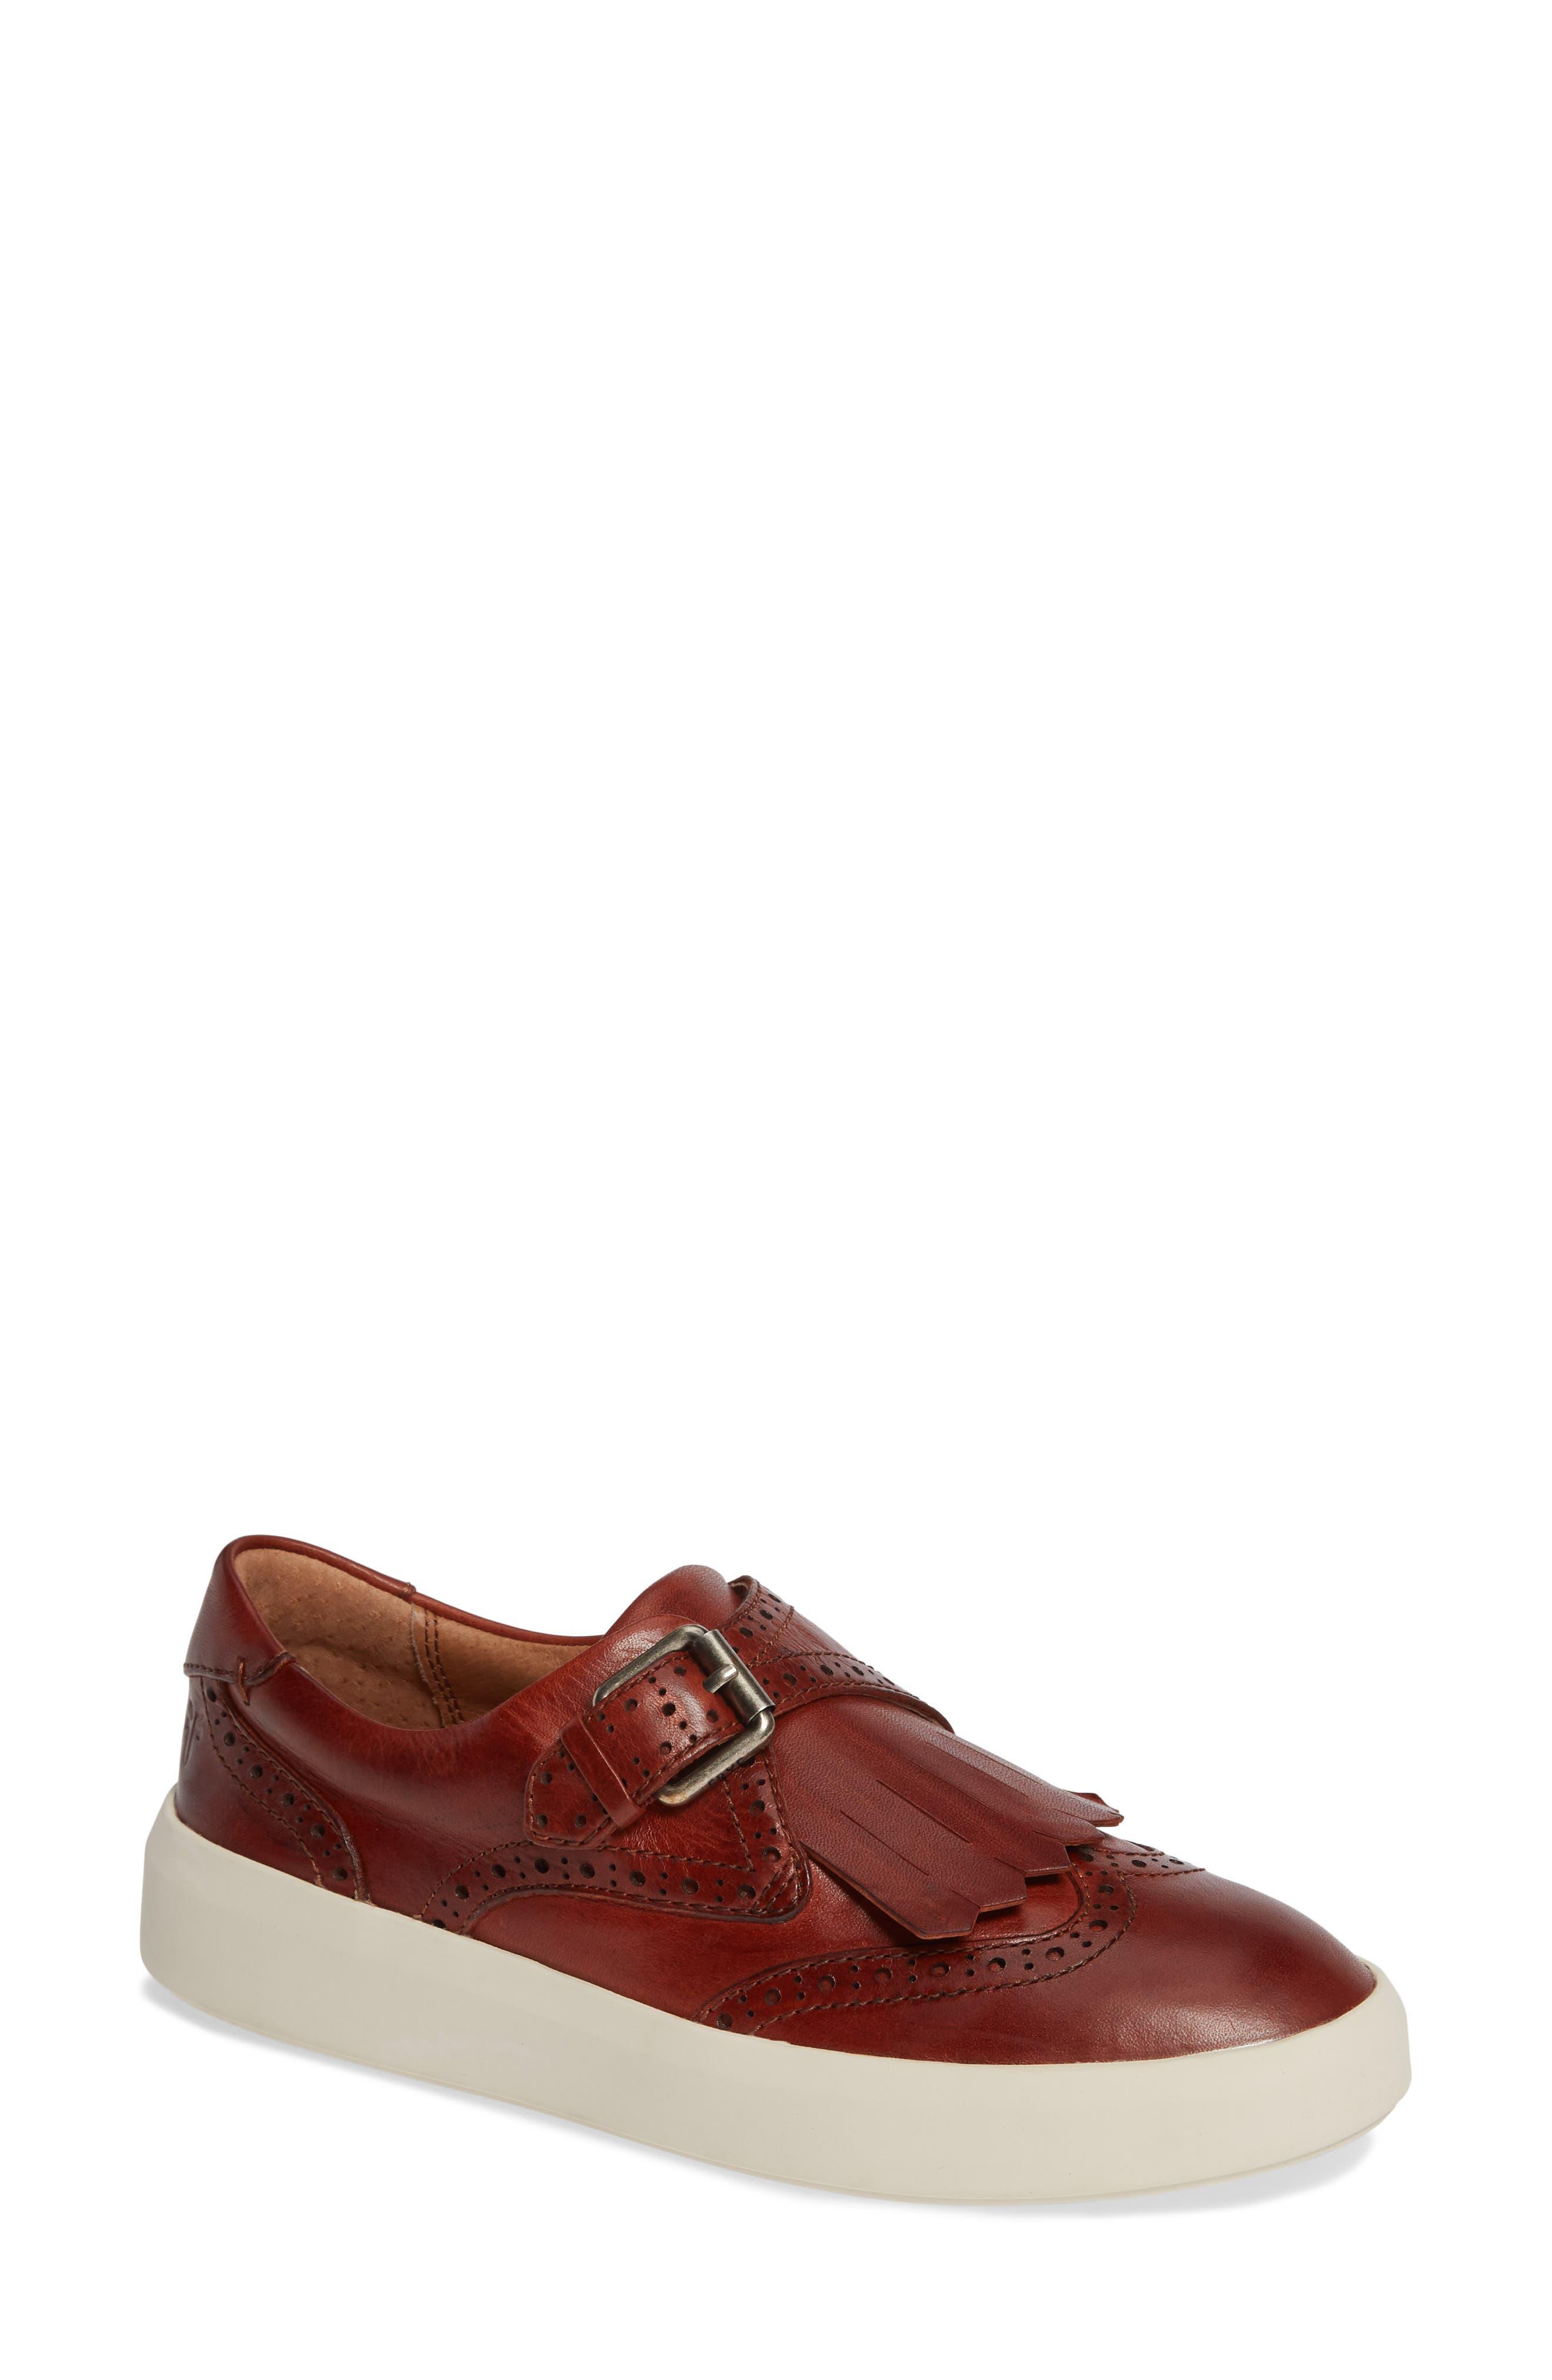 Frye Brea Kiltie Sneaker, Red